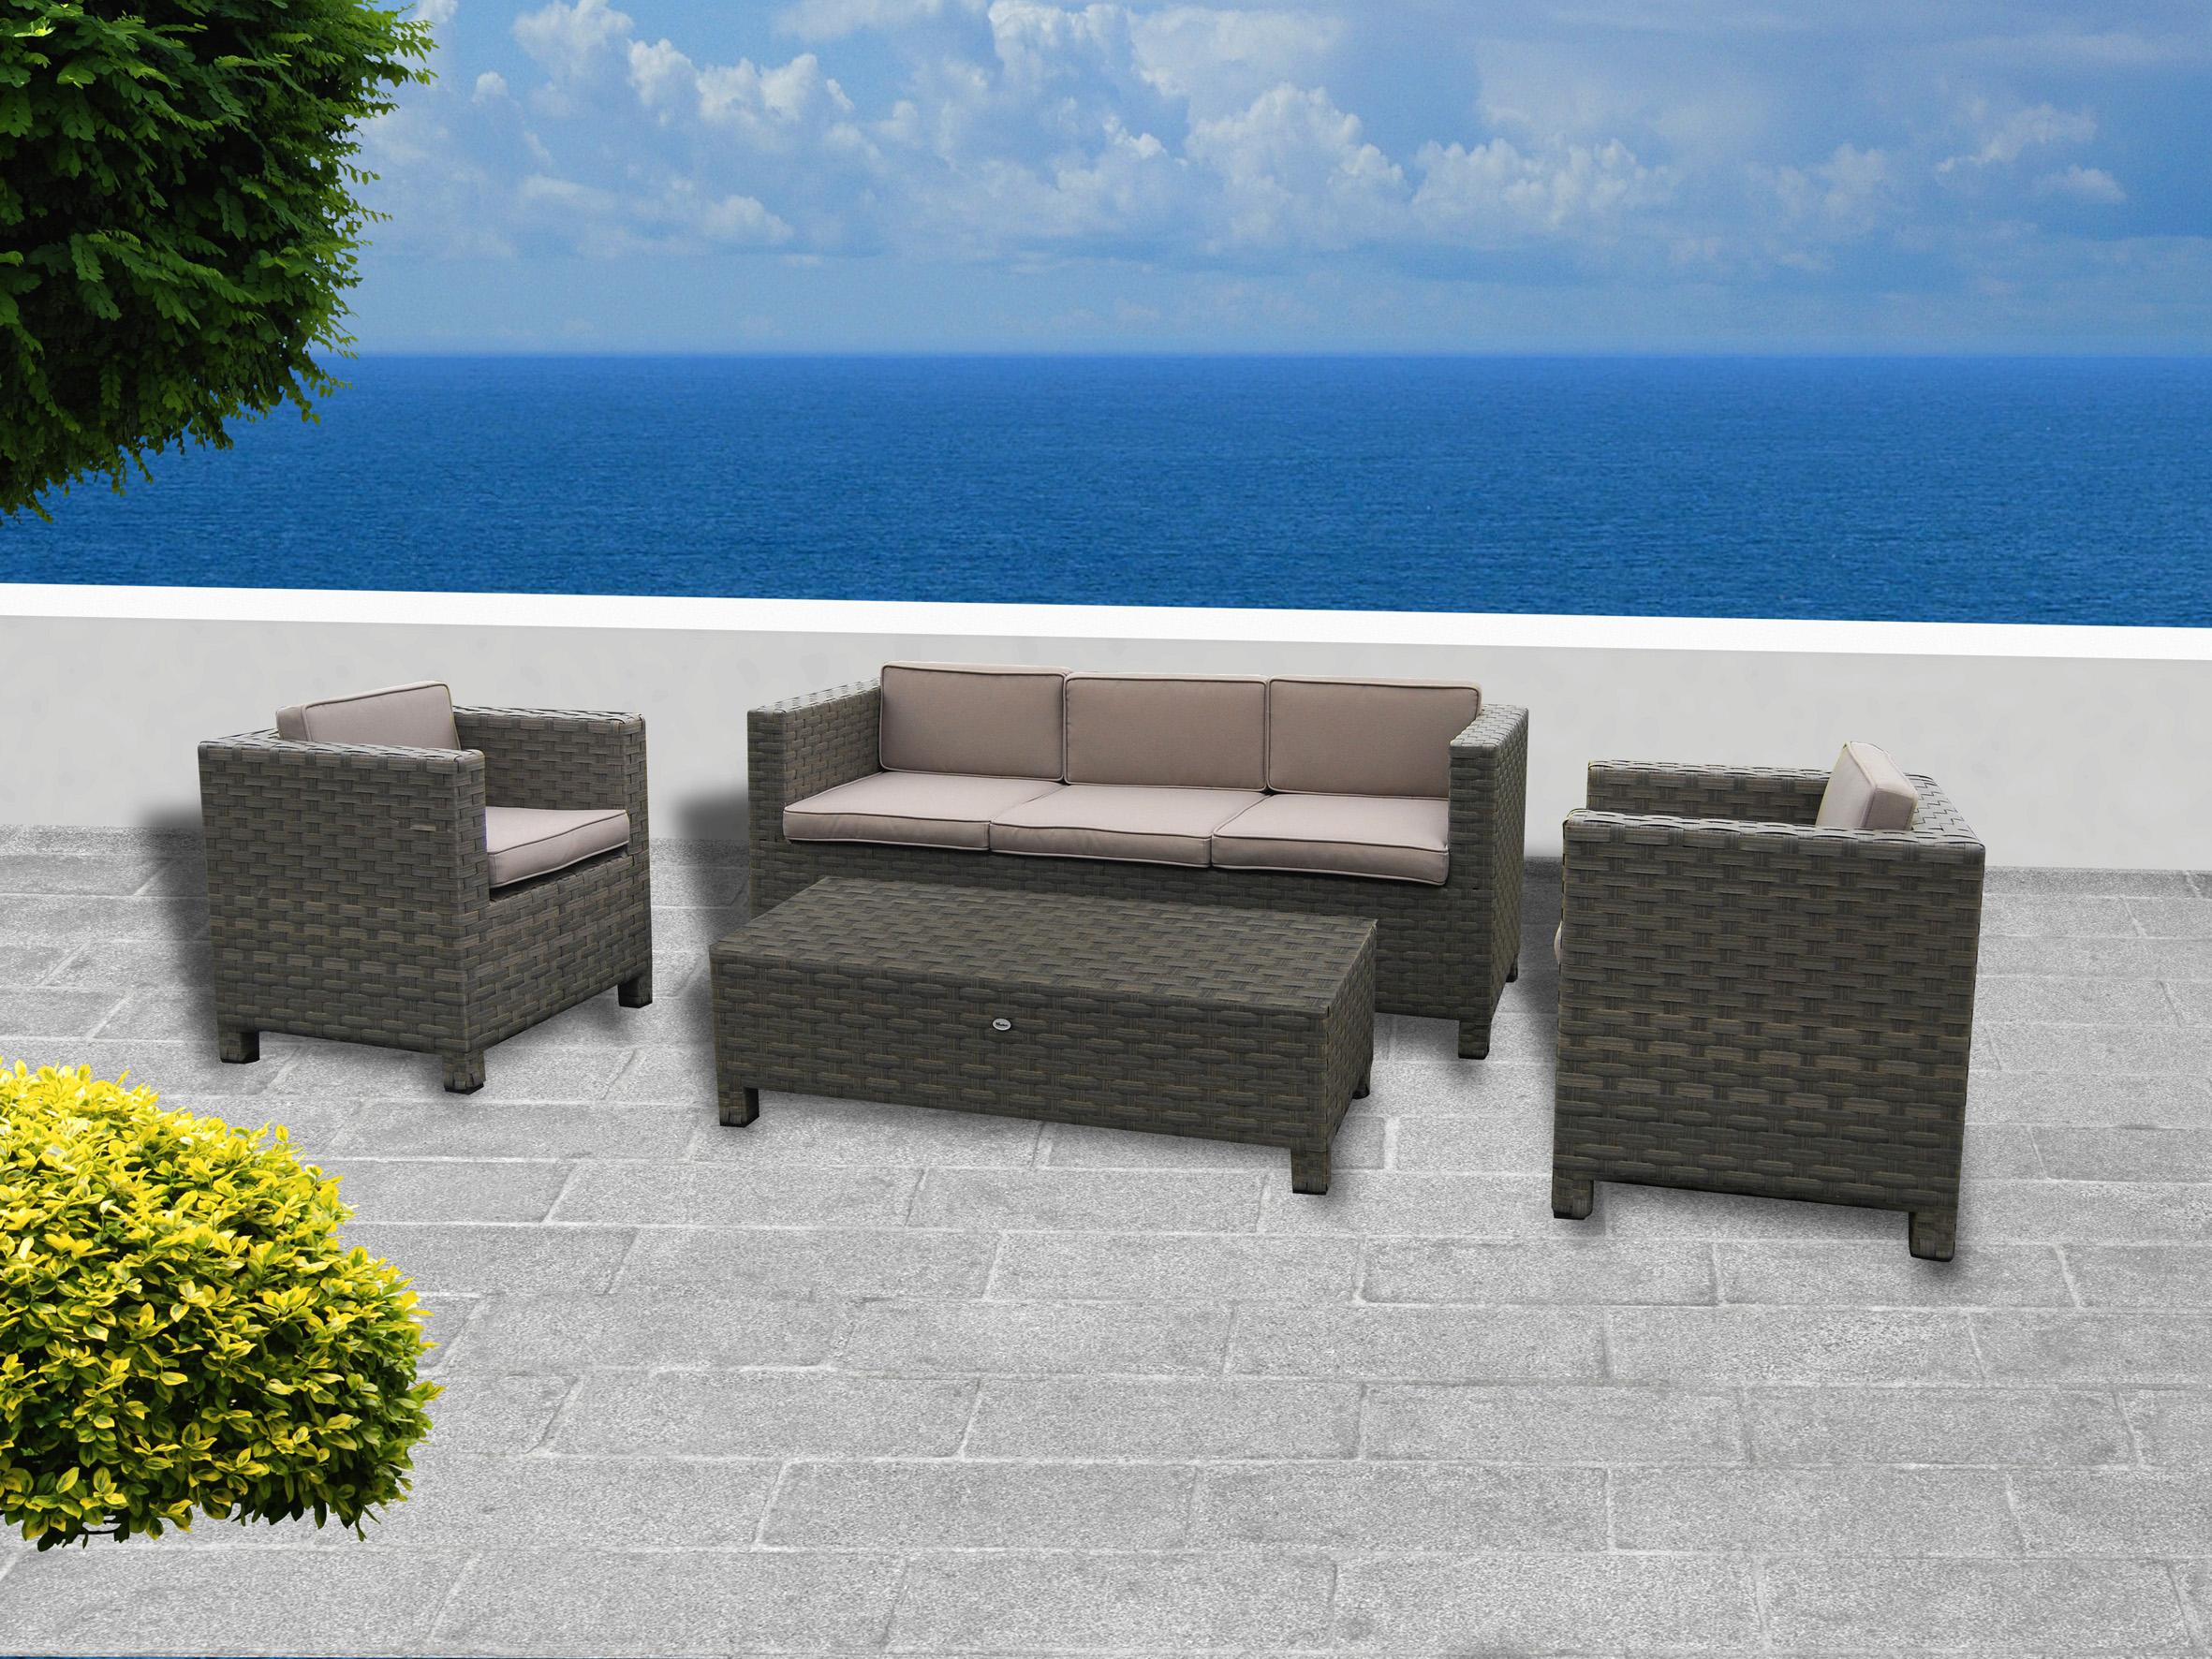 Mobiliario para exterior mesas y sillas generico conjunto for Conjunto mobiliario jardin